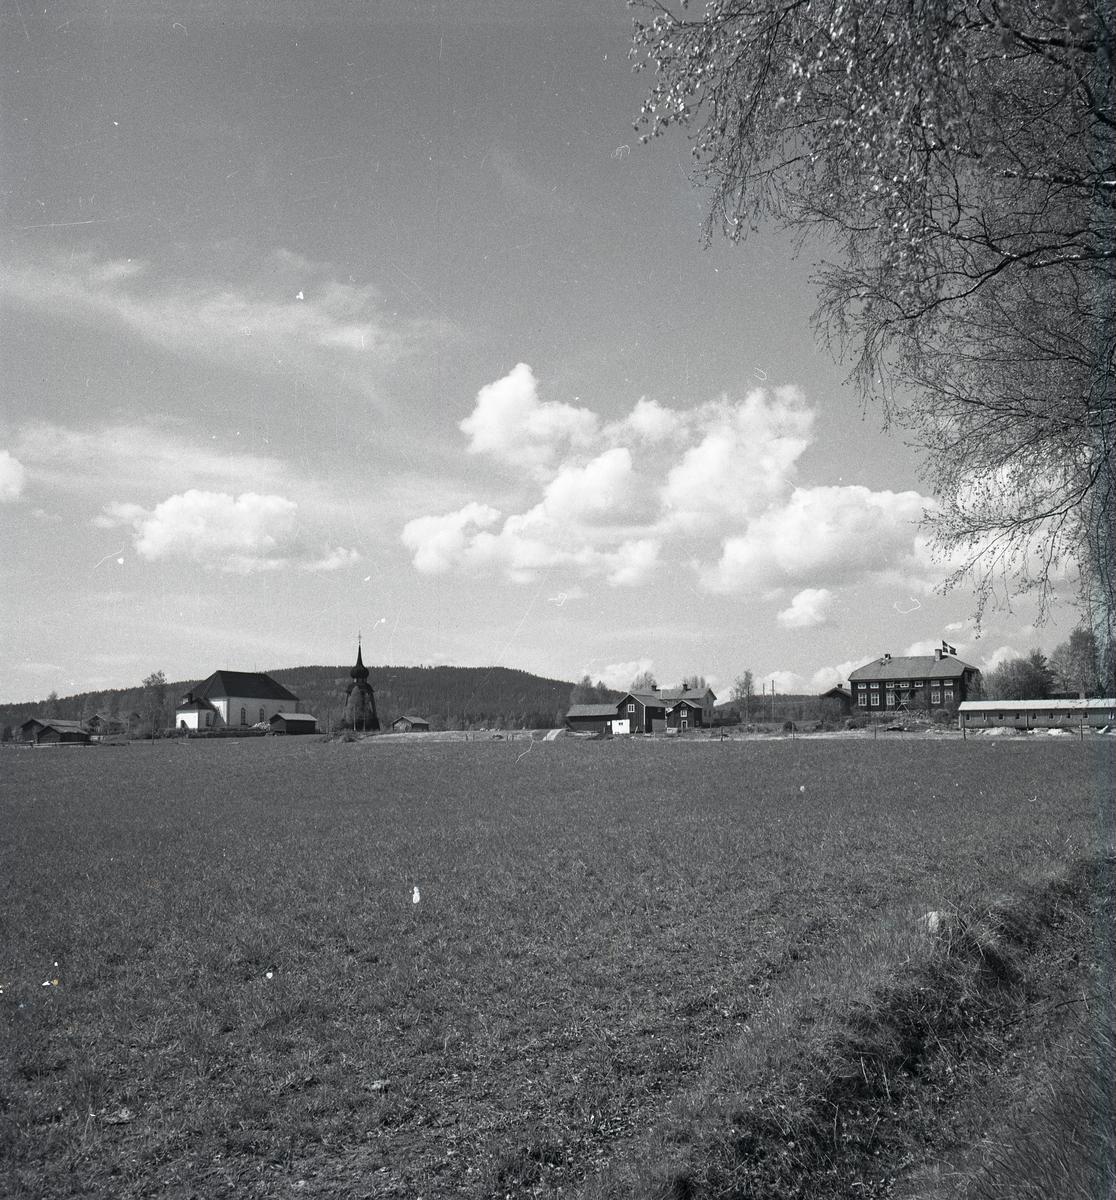 Undersviks kyrka med klocktorn bortom ett fält.